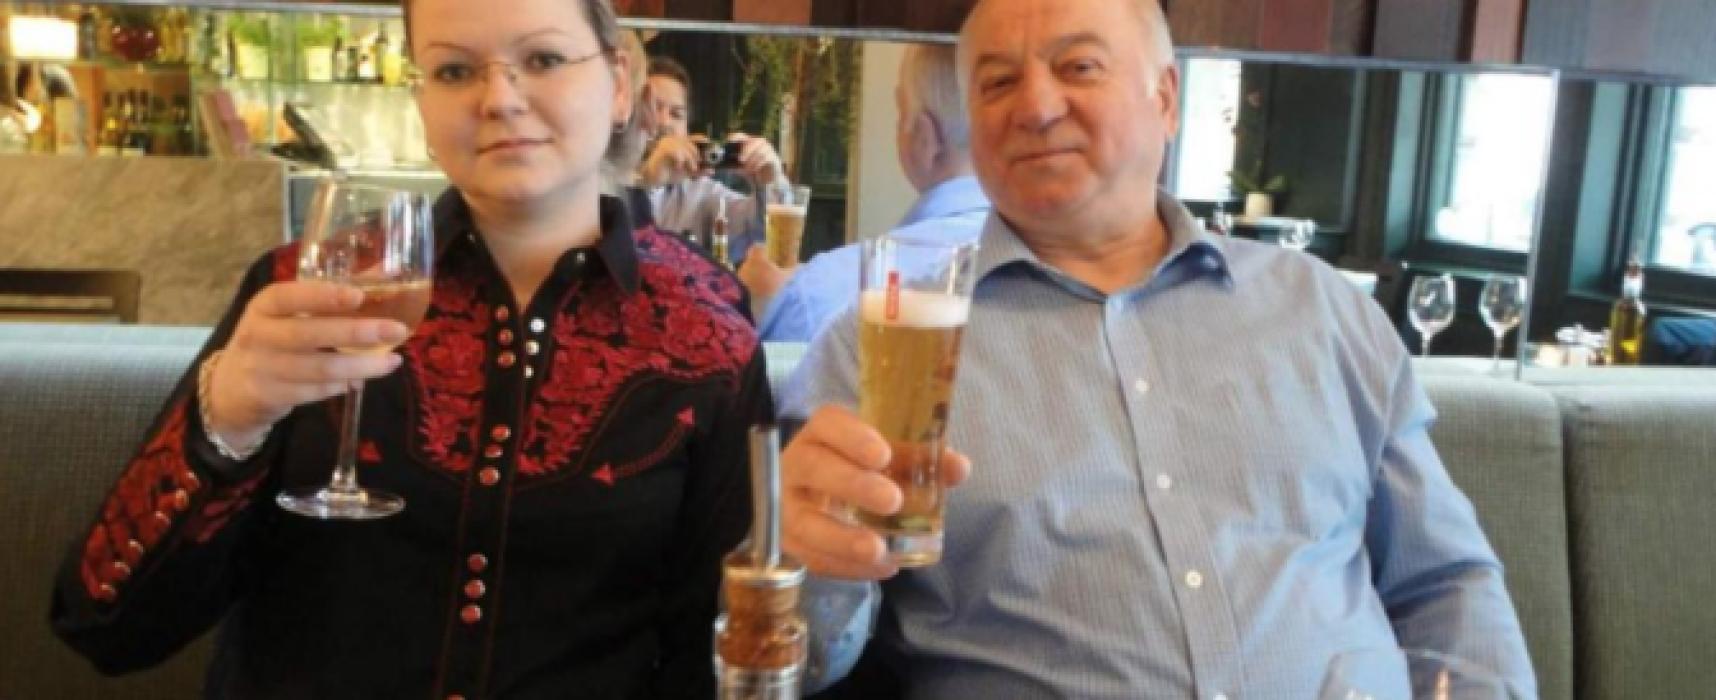 Отравление Скрипаля: стратегии российской пропаганды в твитах посольства